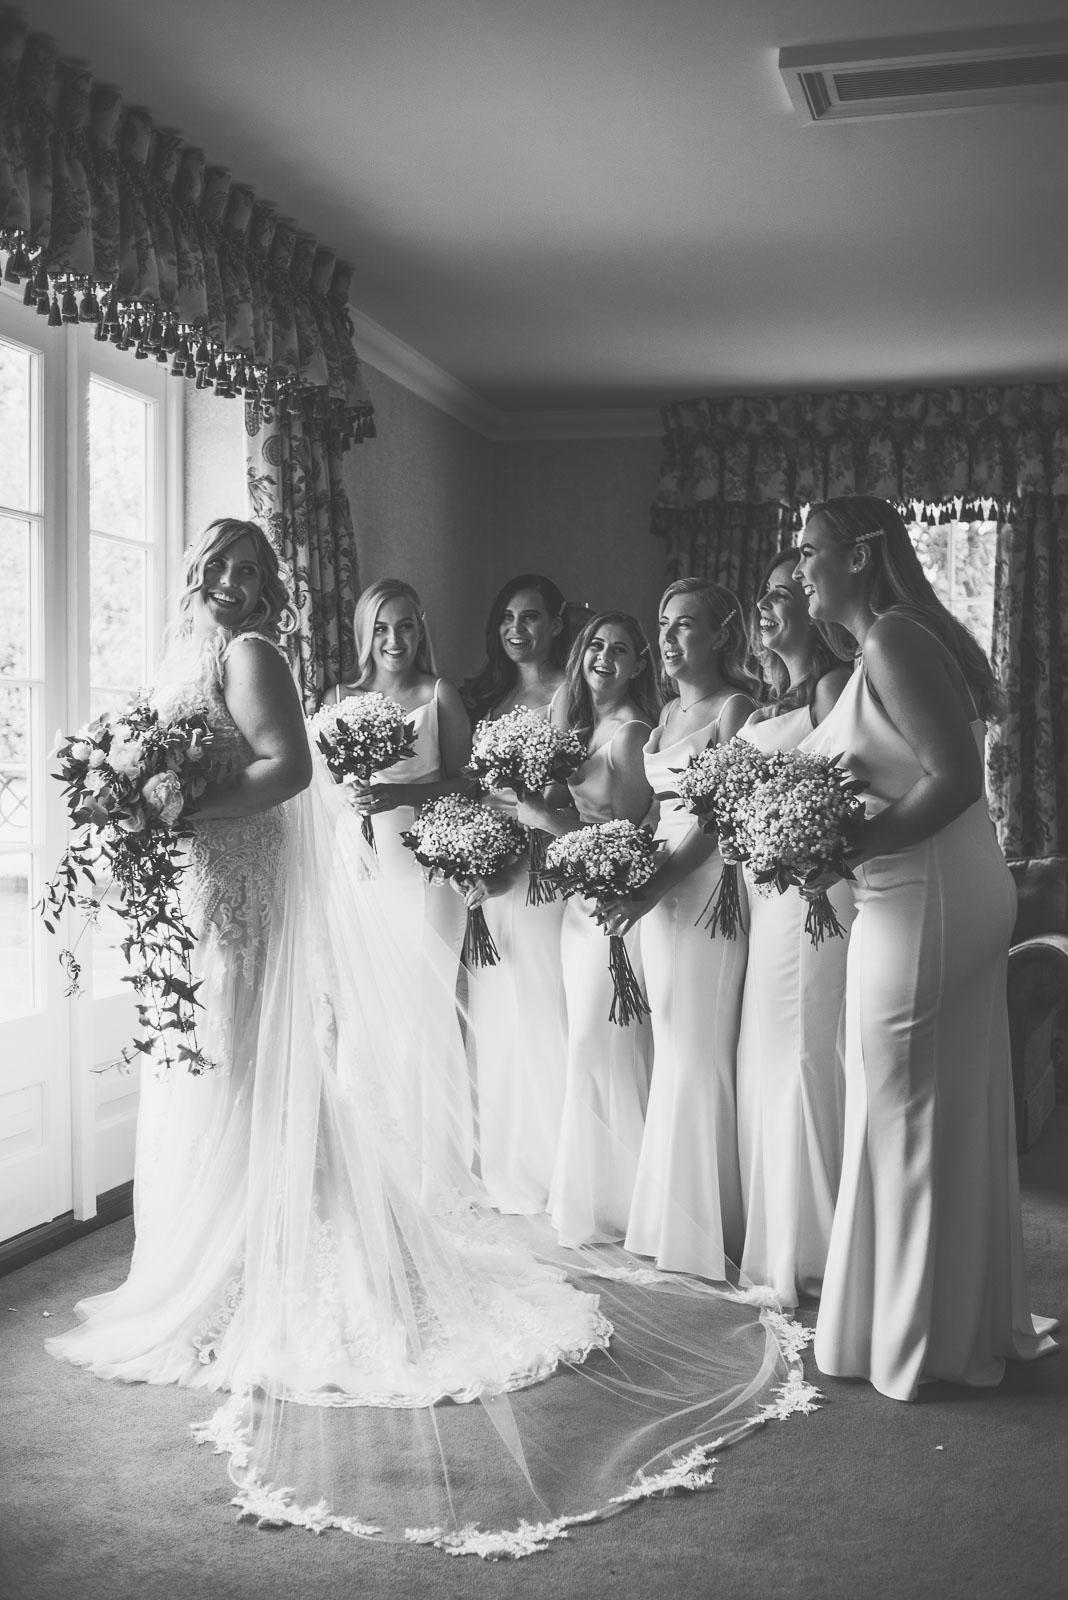 Lutonhoo-wedding-Bedfordshire-Datchworth-Tewinburyfarm-17.jpg